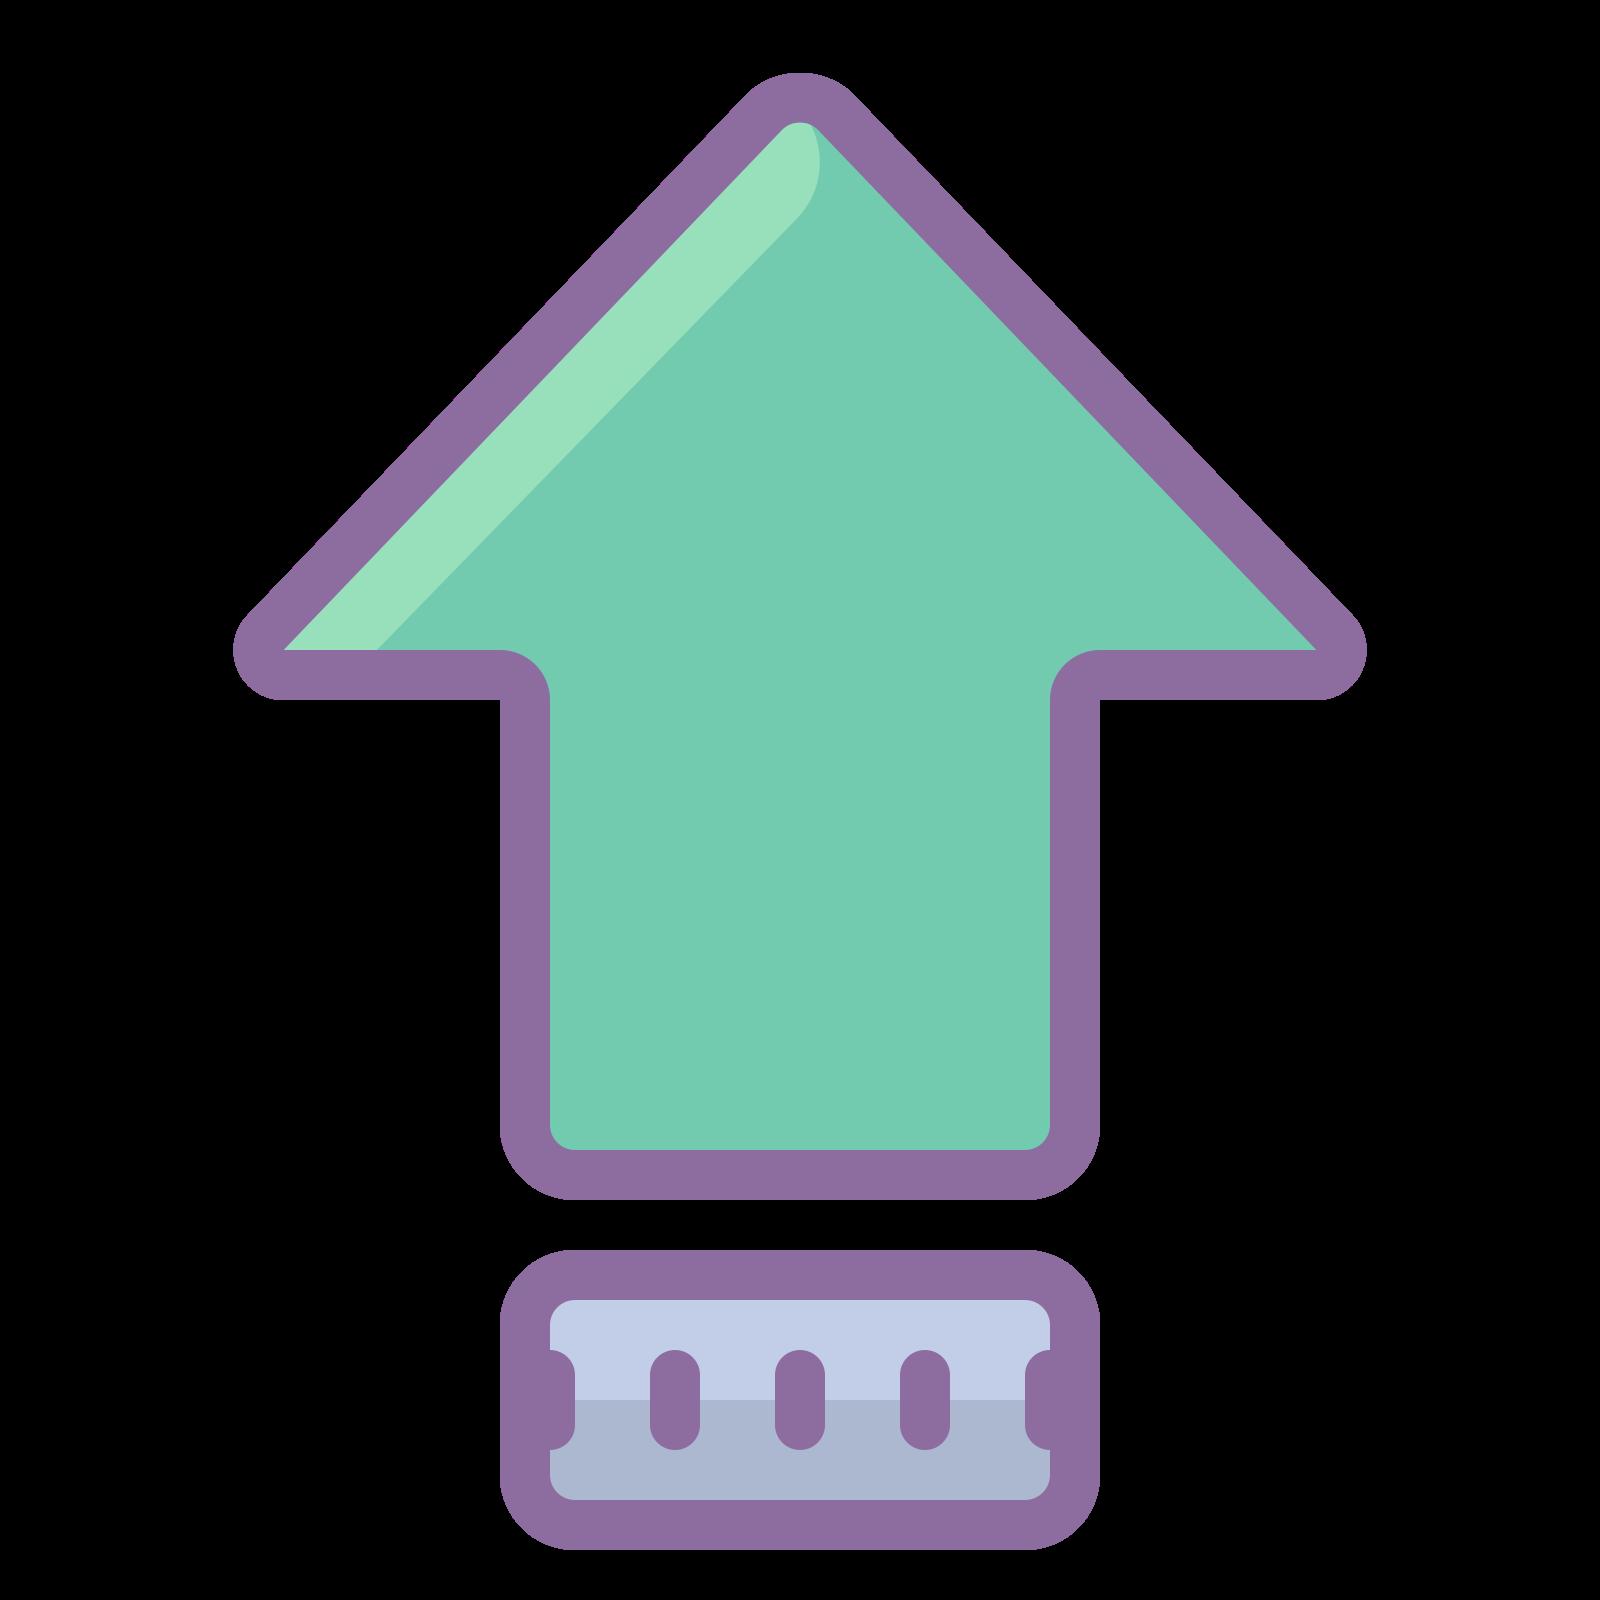 Caps Lock włączony icon